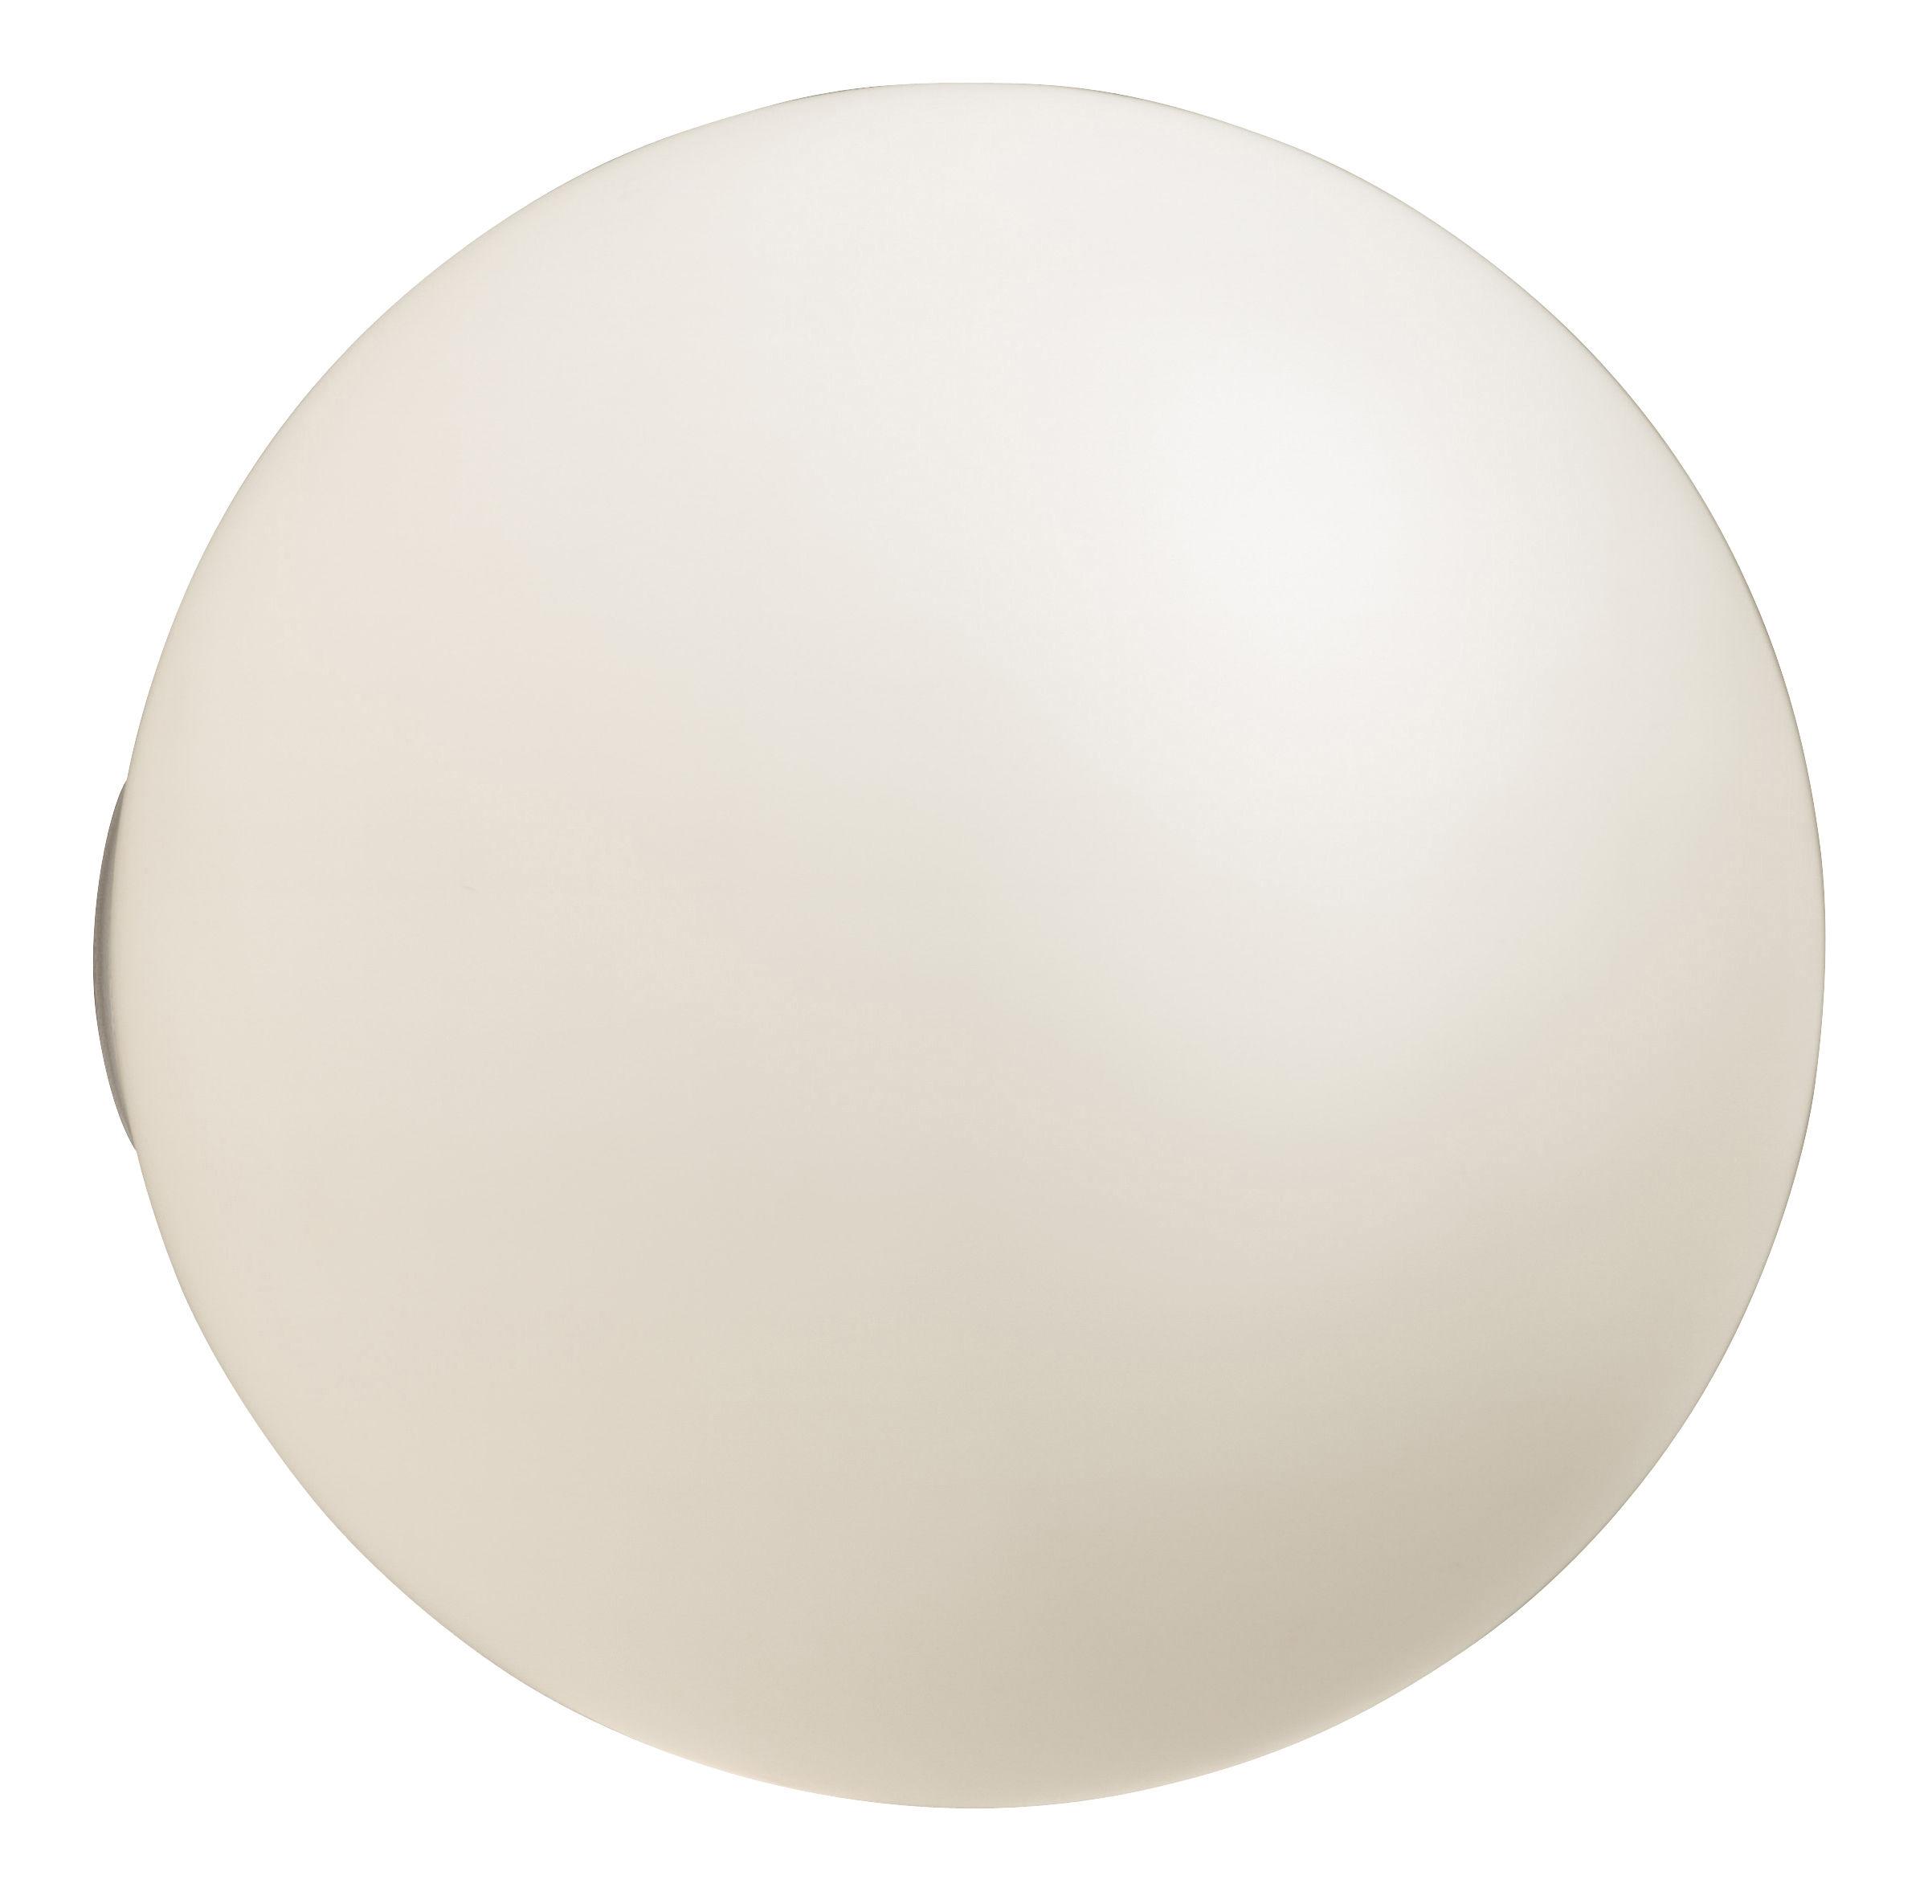 Luminaire - Appliques - Applique Dioscuri / Plafonnier - Artemide - Ø 25 cm - Blanc - Verre soufflé